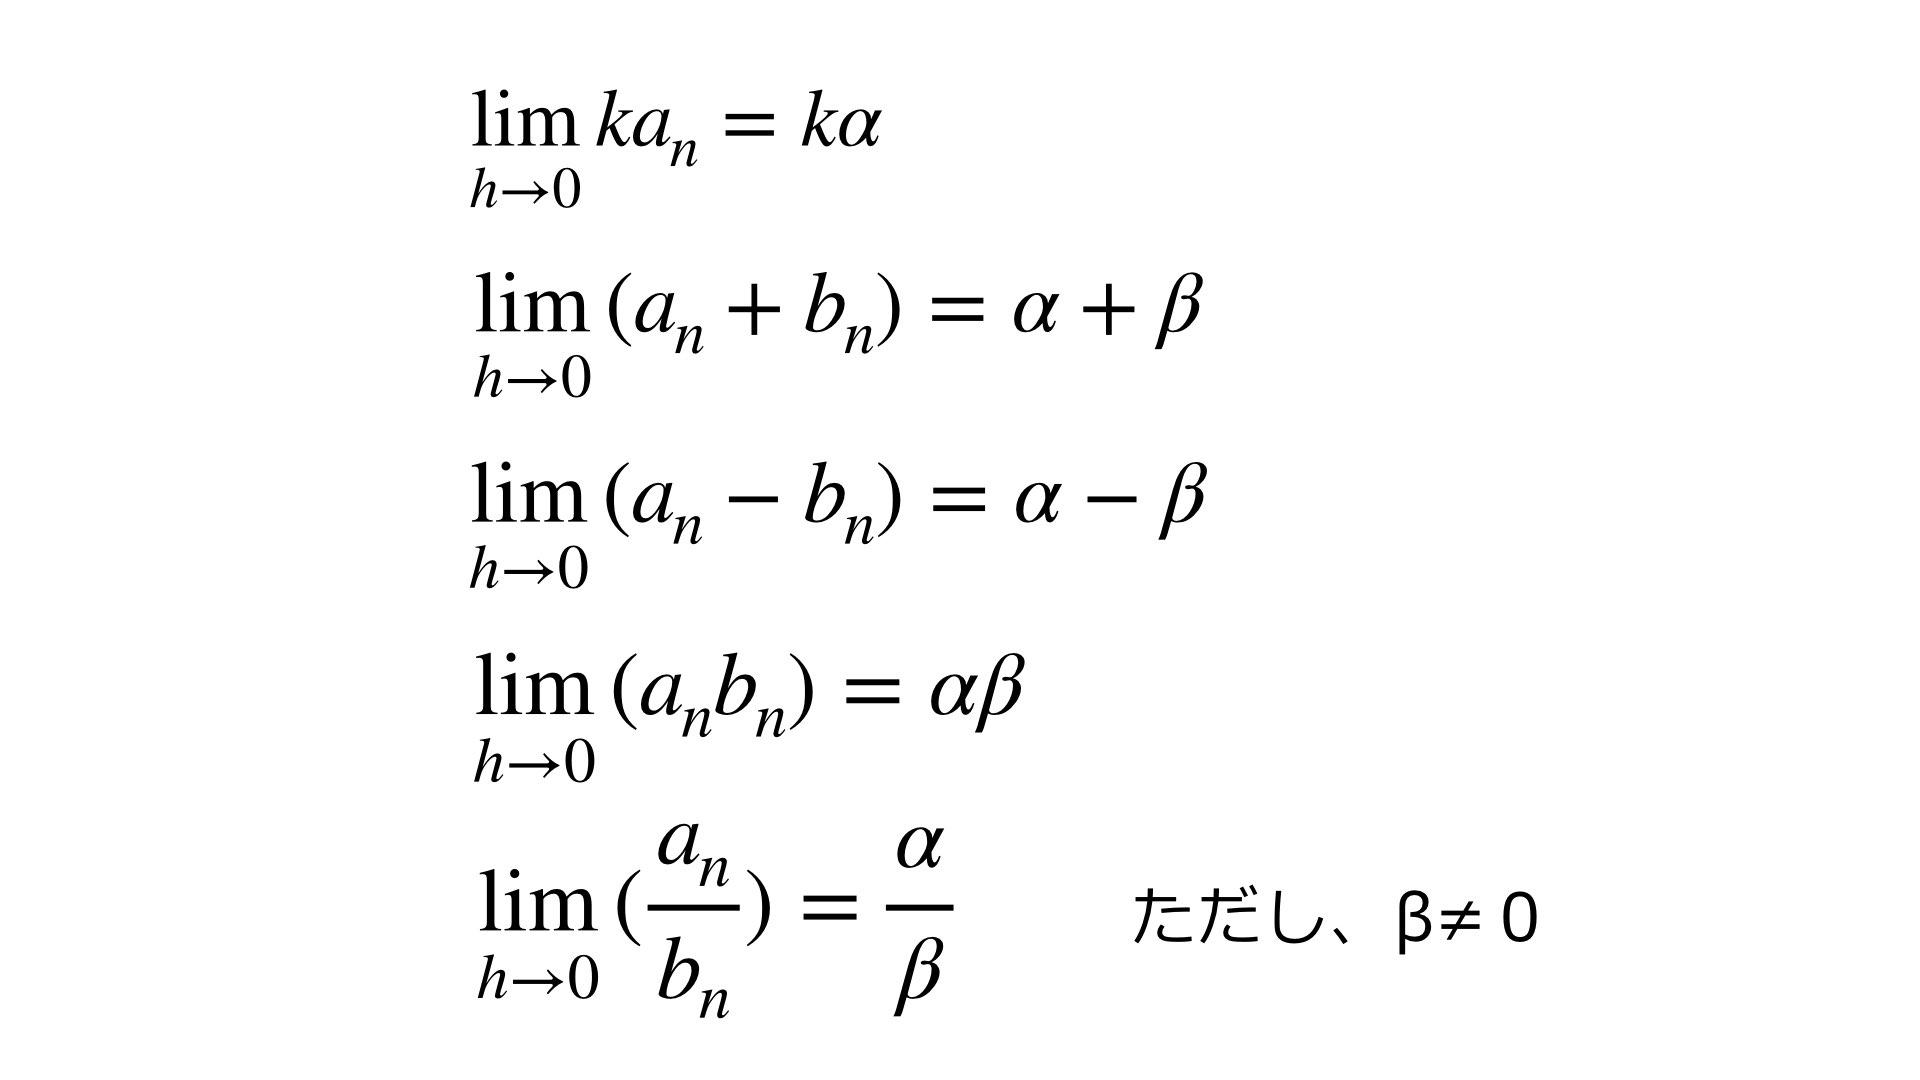 負の無限大に発散する数式